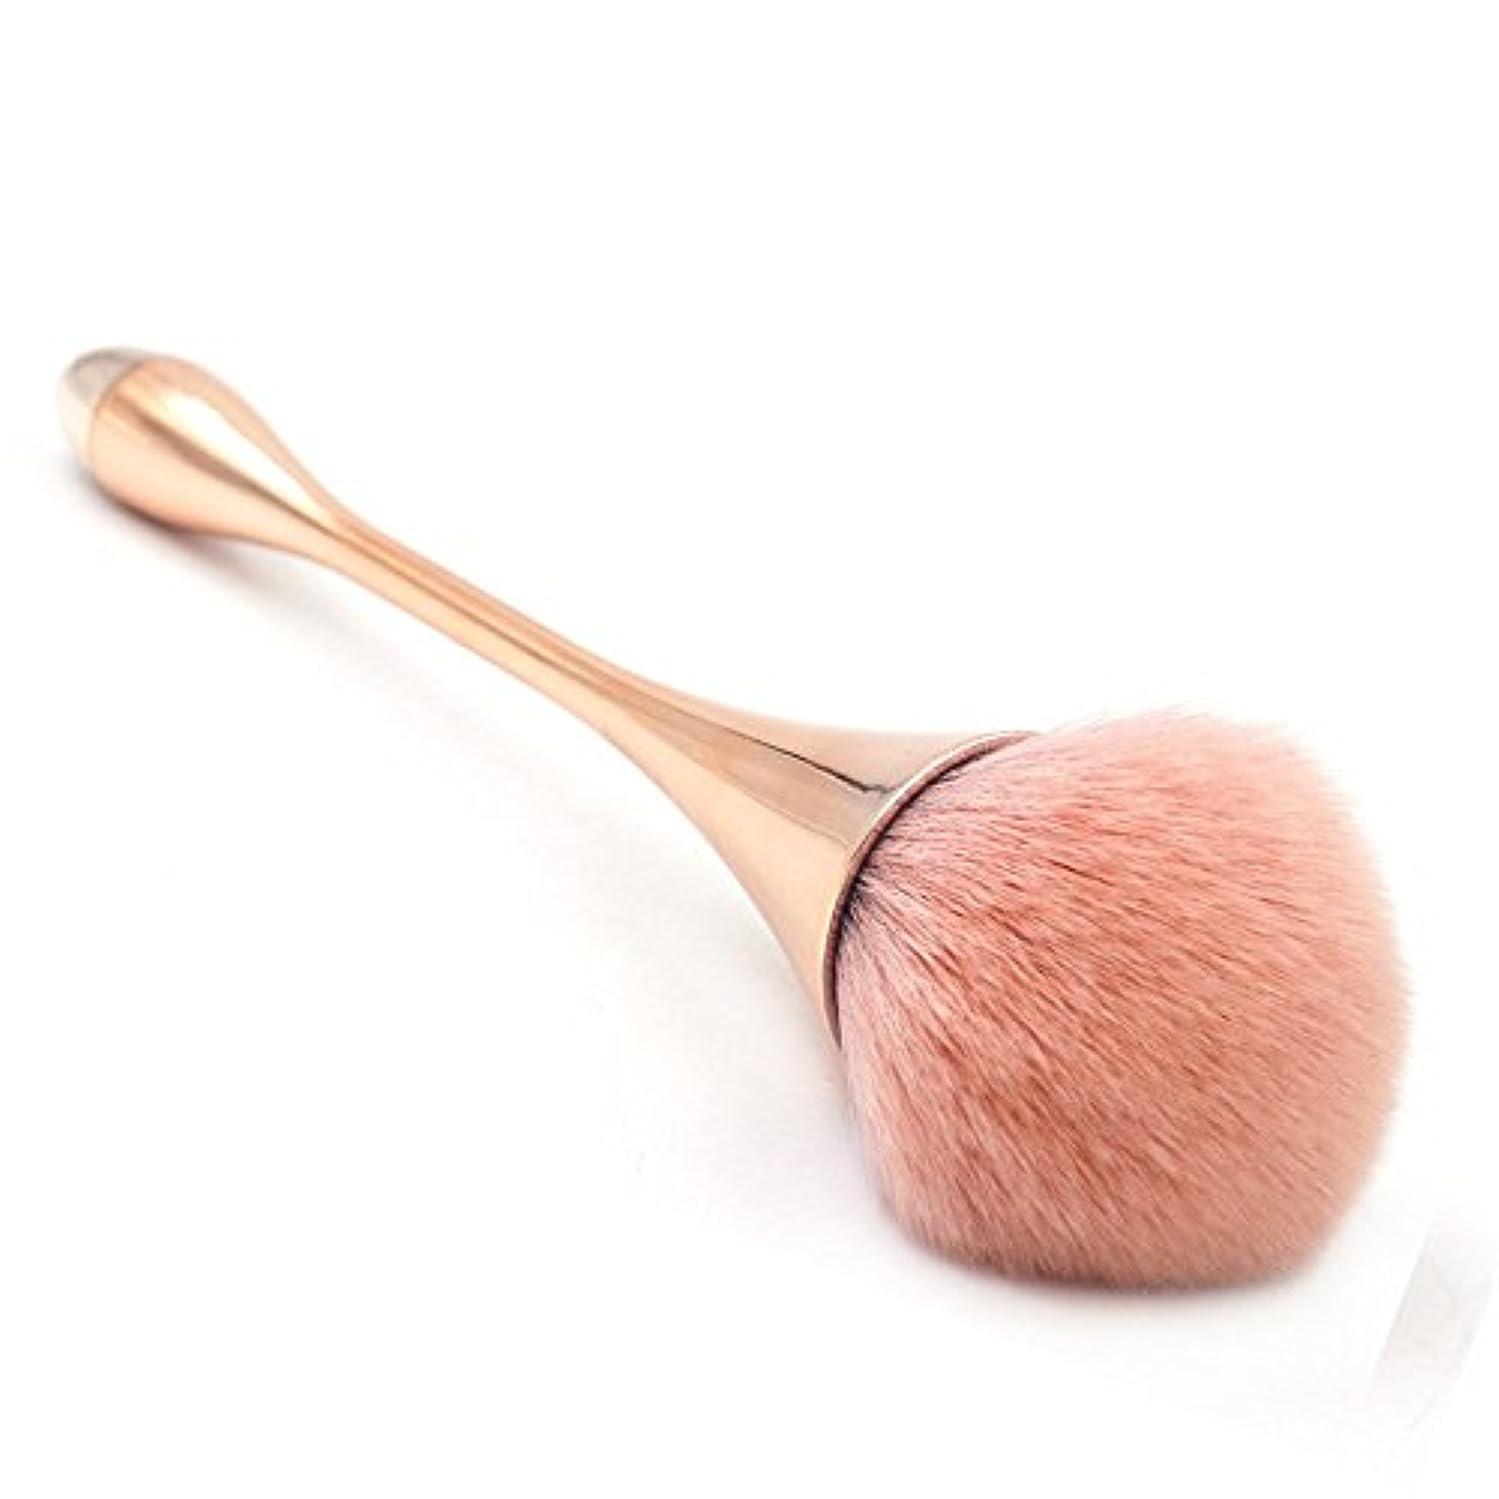 呪い一般目を覚ますスタイリッシュゴージャスな1ピース化粧道具ウォータードロップスモールウエストメイクブラシゴブレット化粧ブラシ -柔らかくまた滑らかで